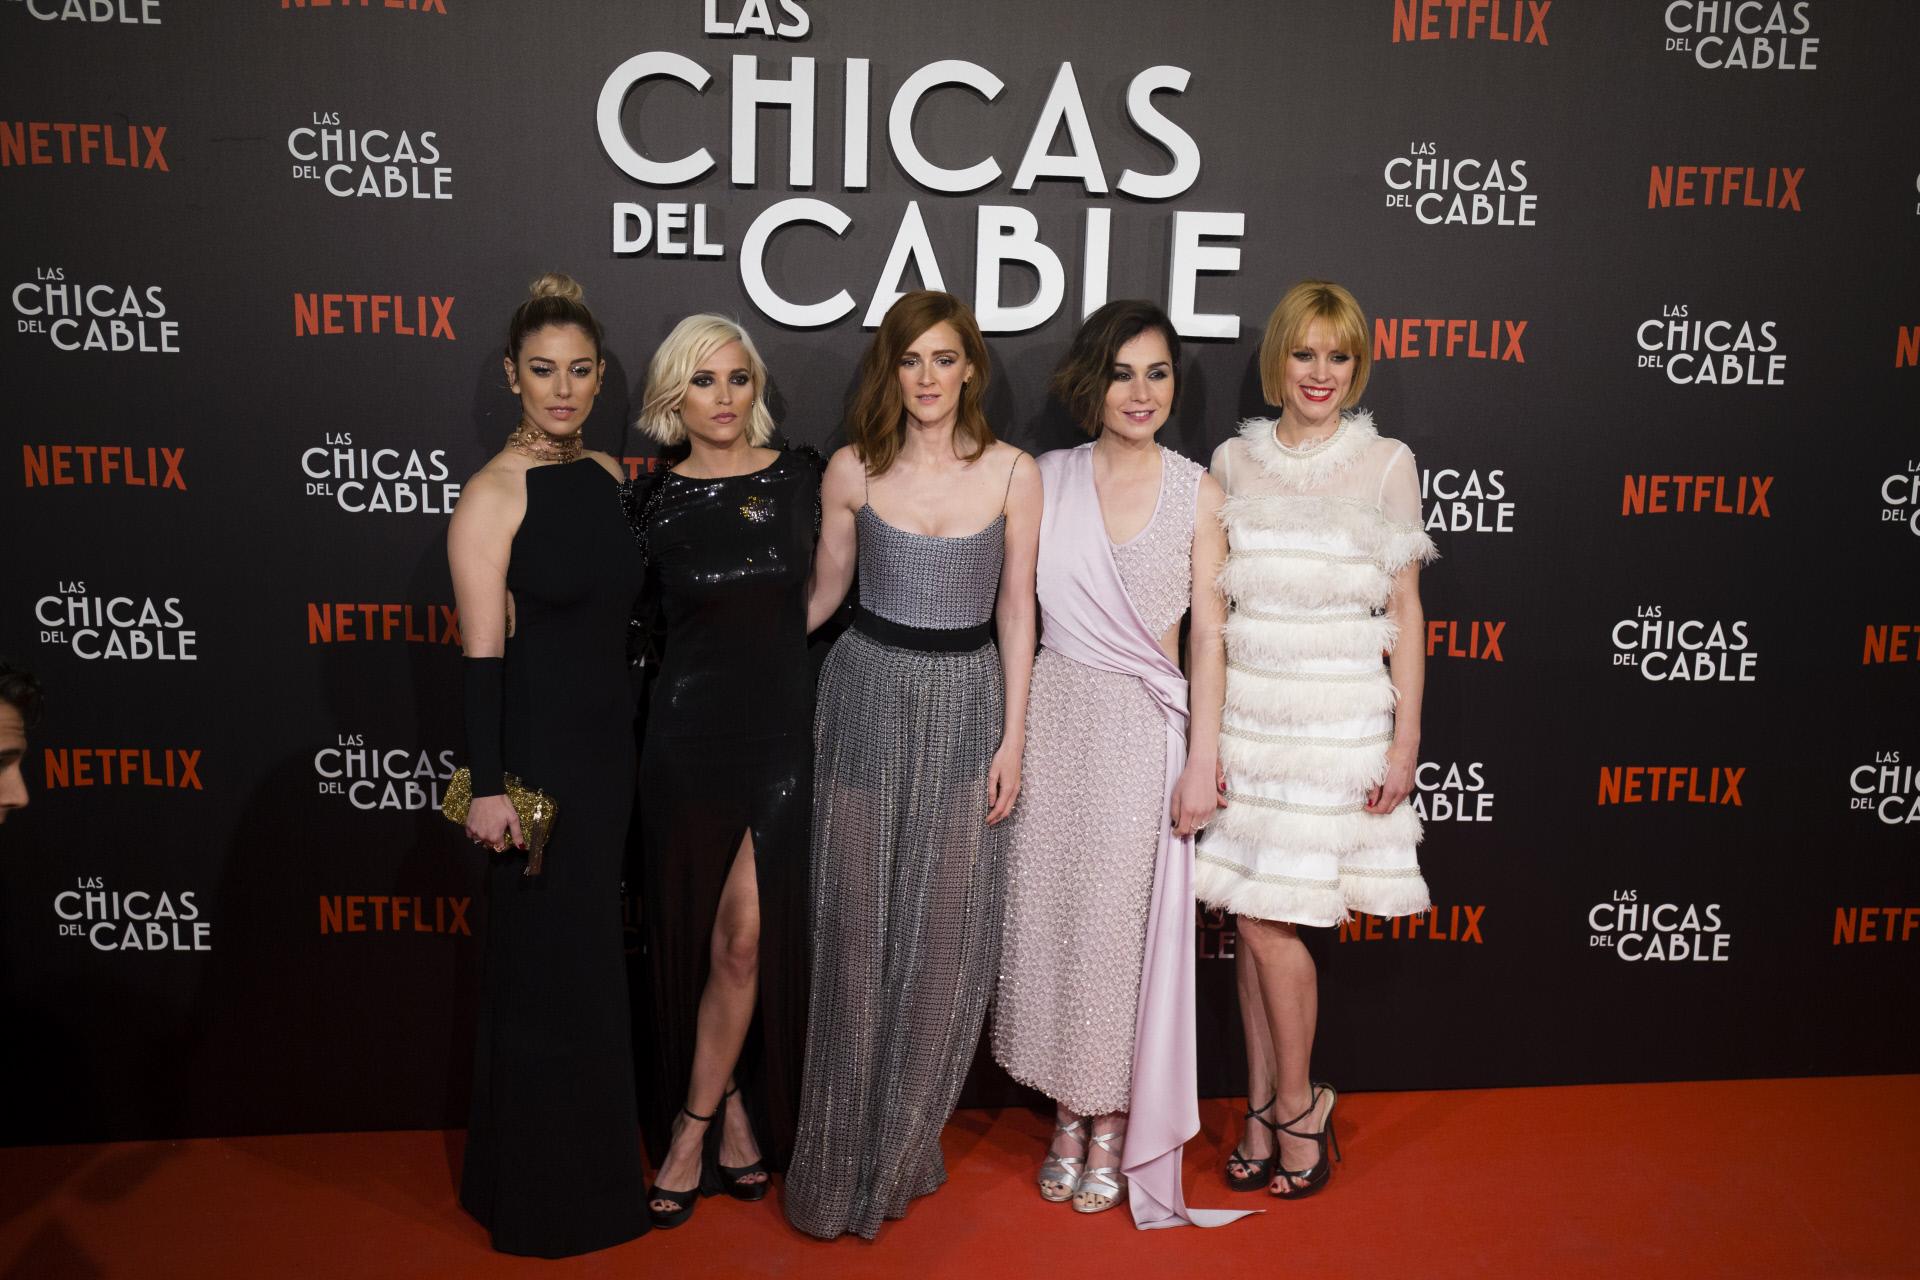 Las Chicas del Cable Estreno Looks